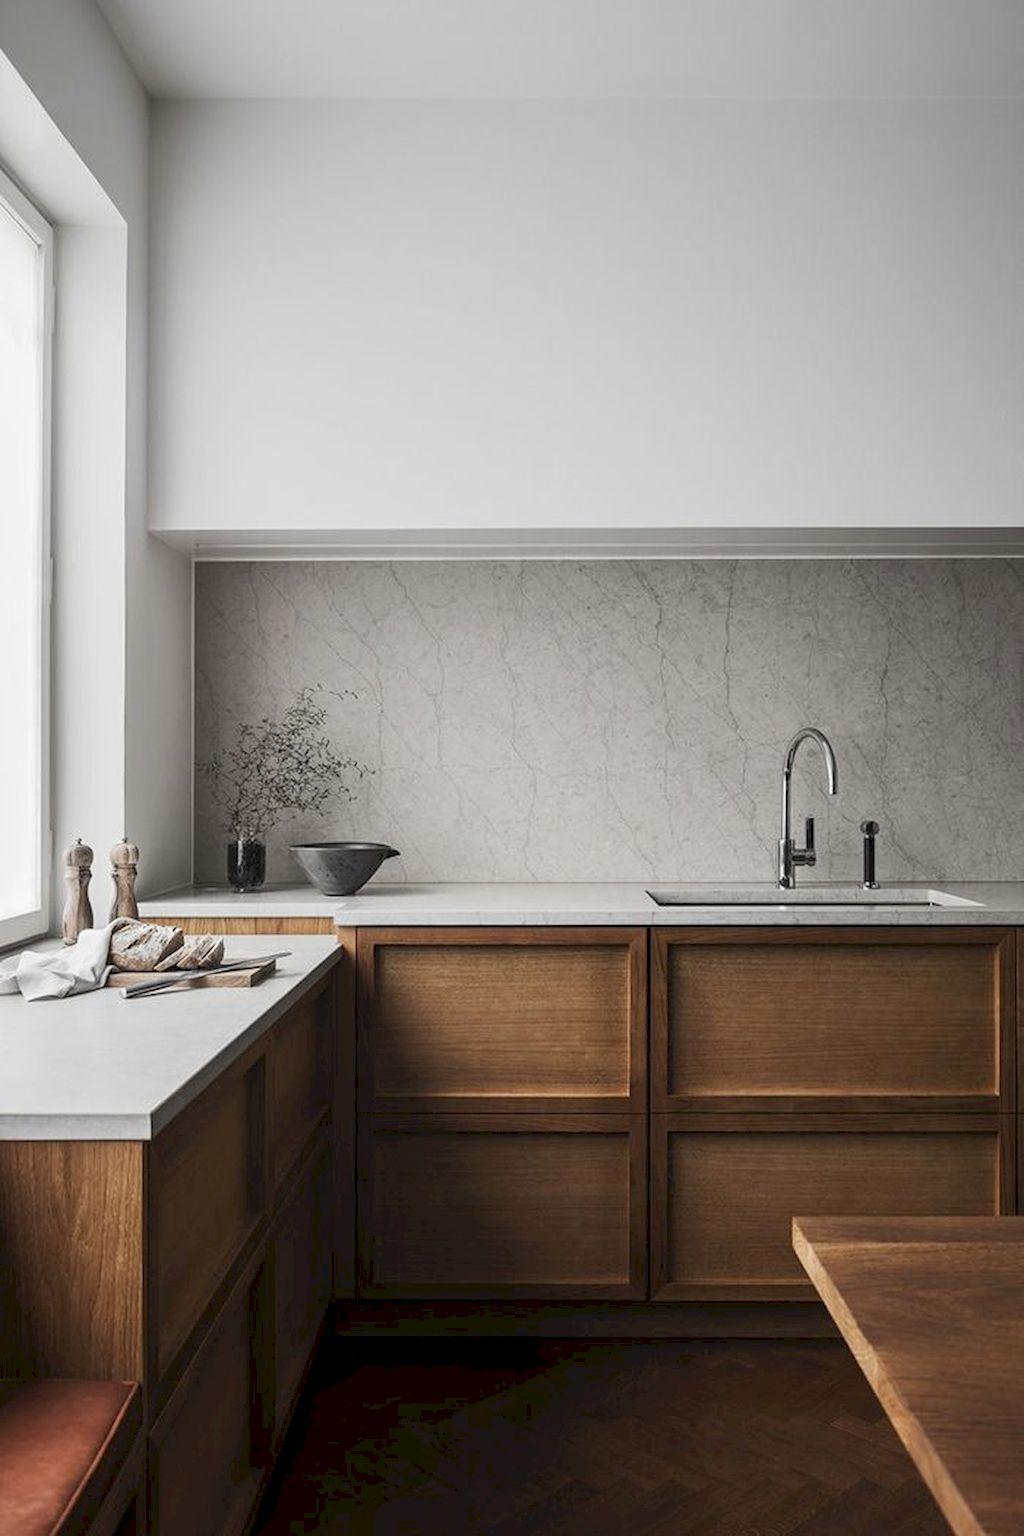 Kitchen Backsplash077